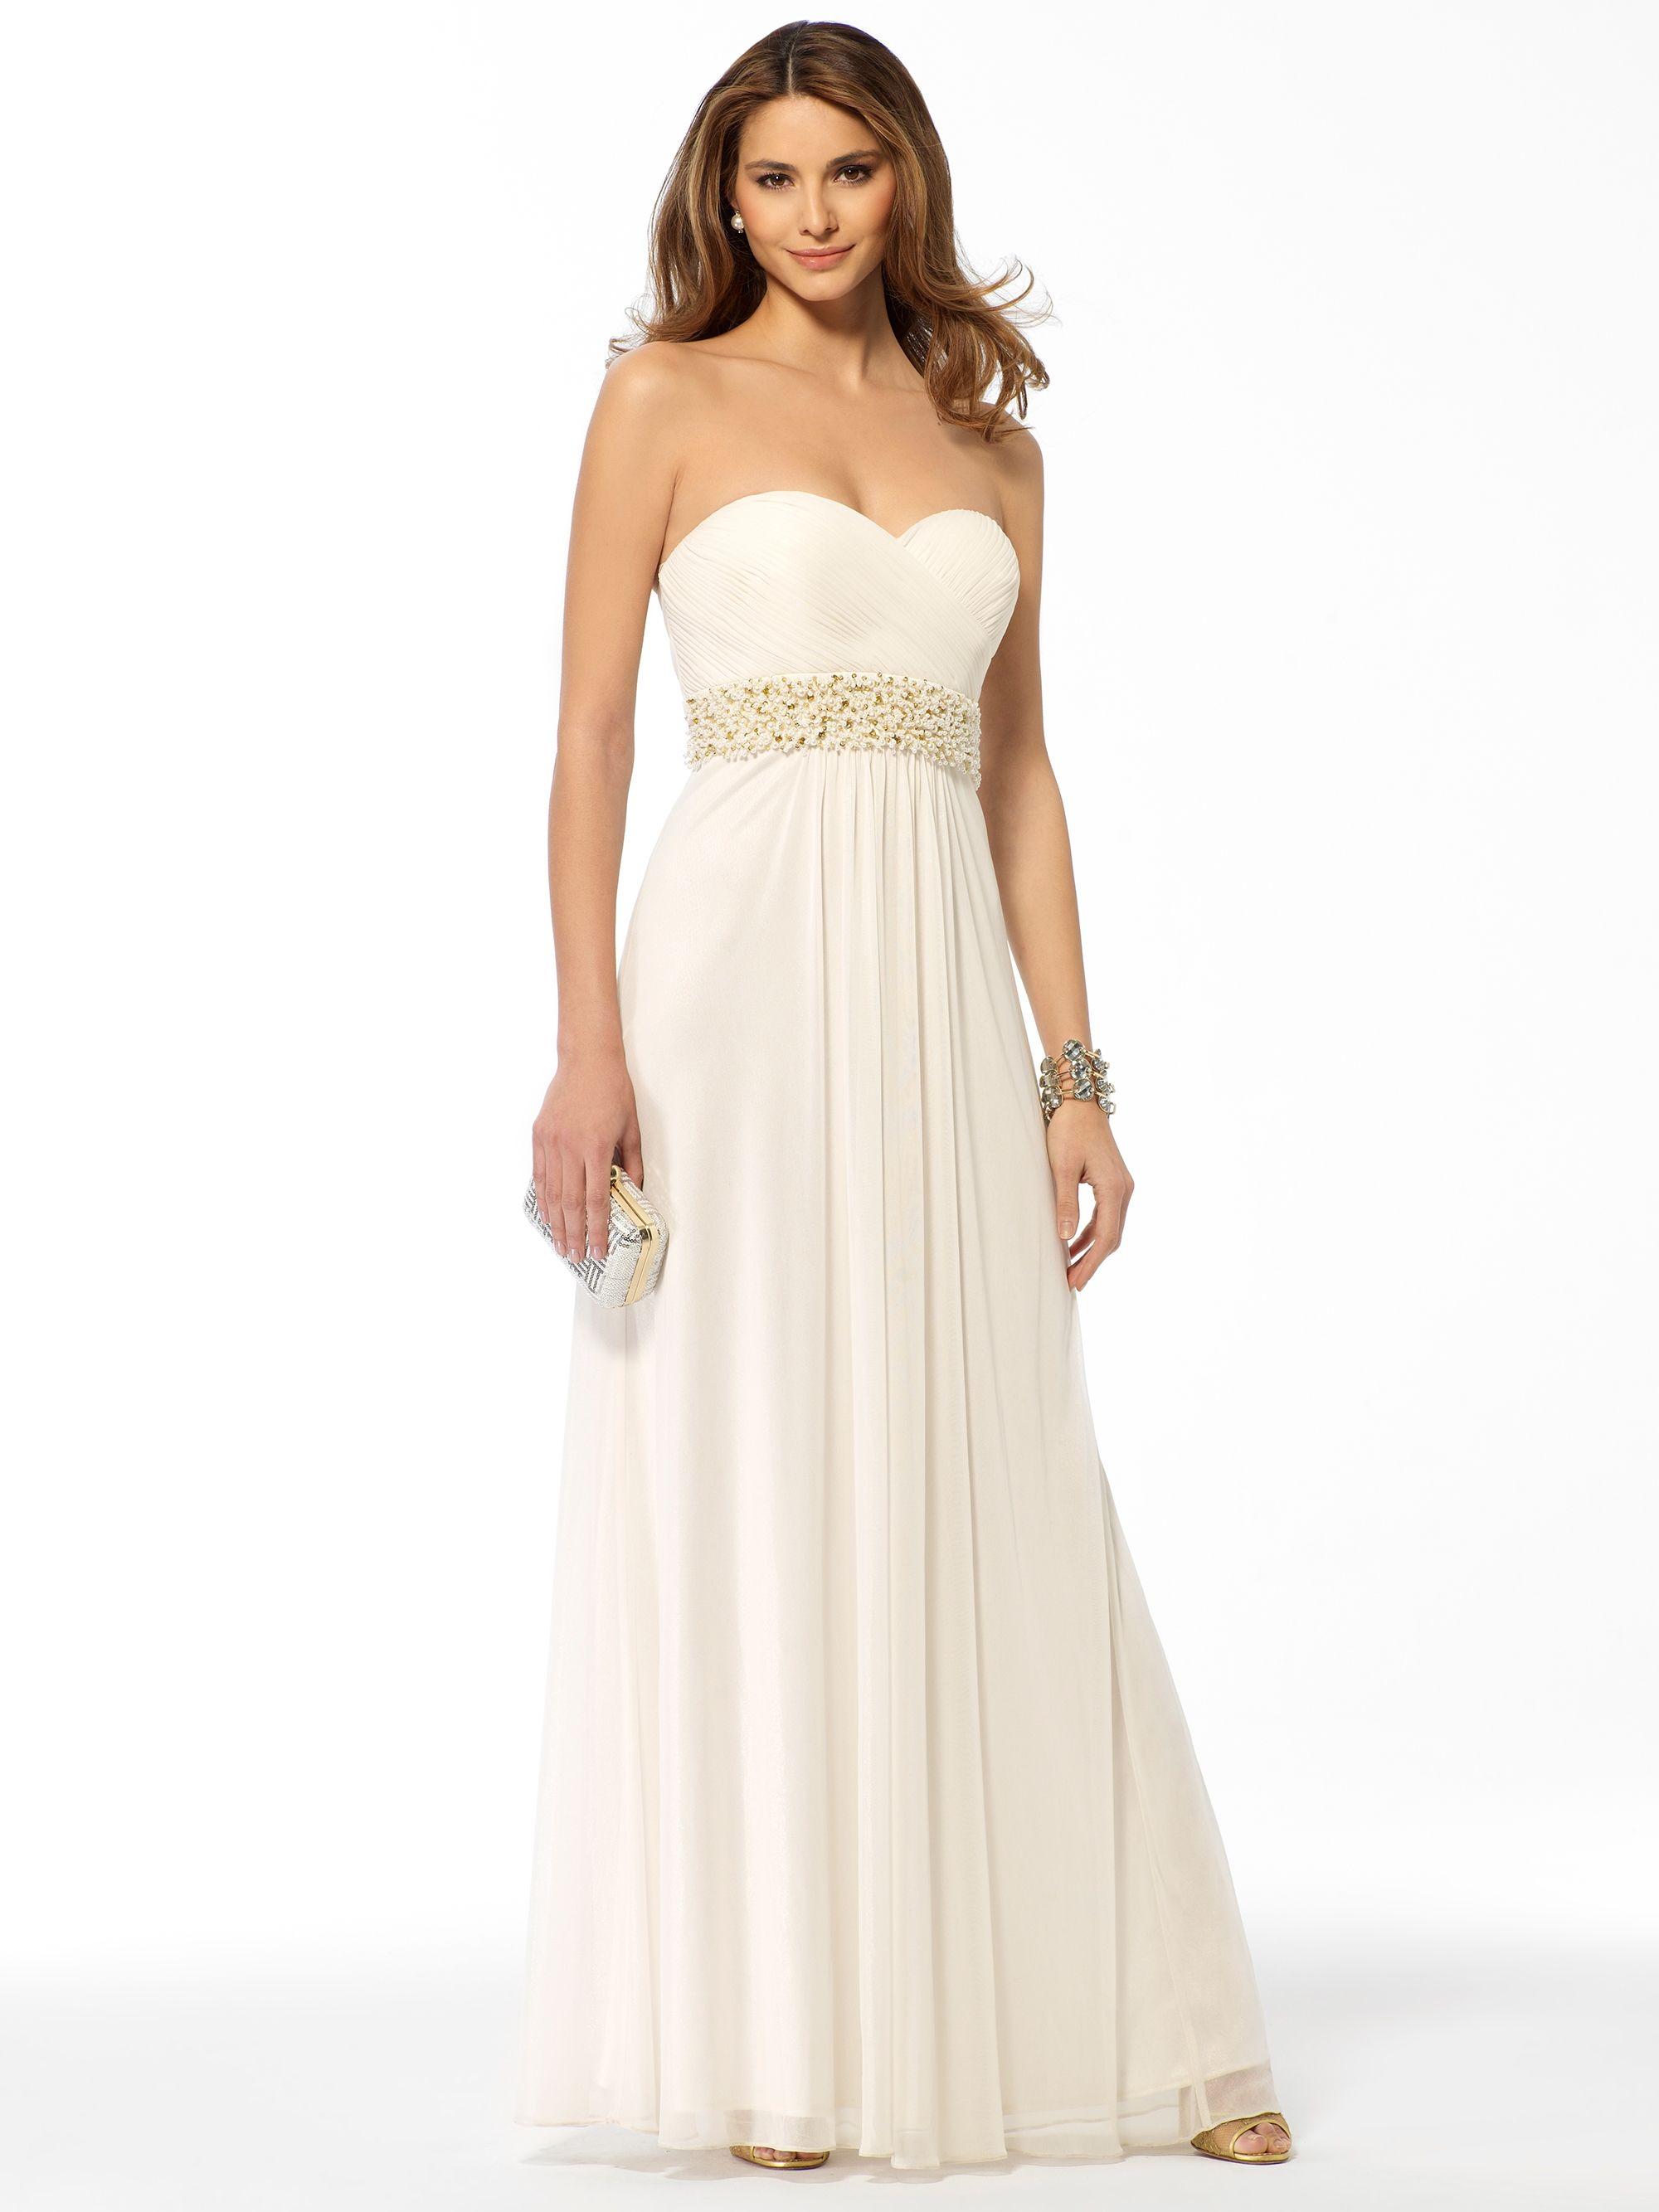 42+ Strapless stretch lace wedding dress with trim ideas